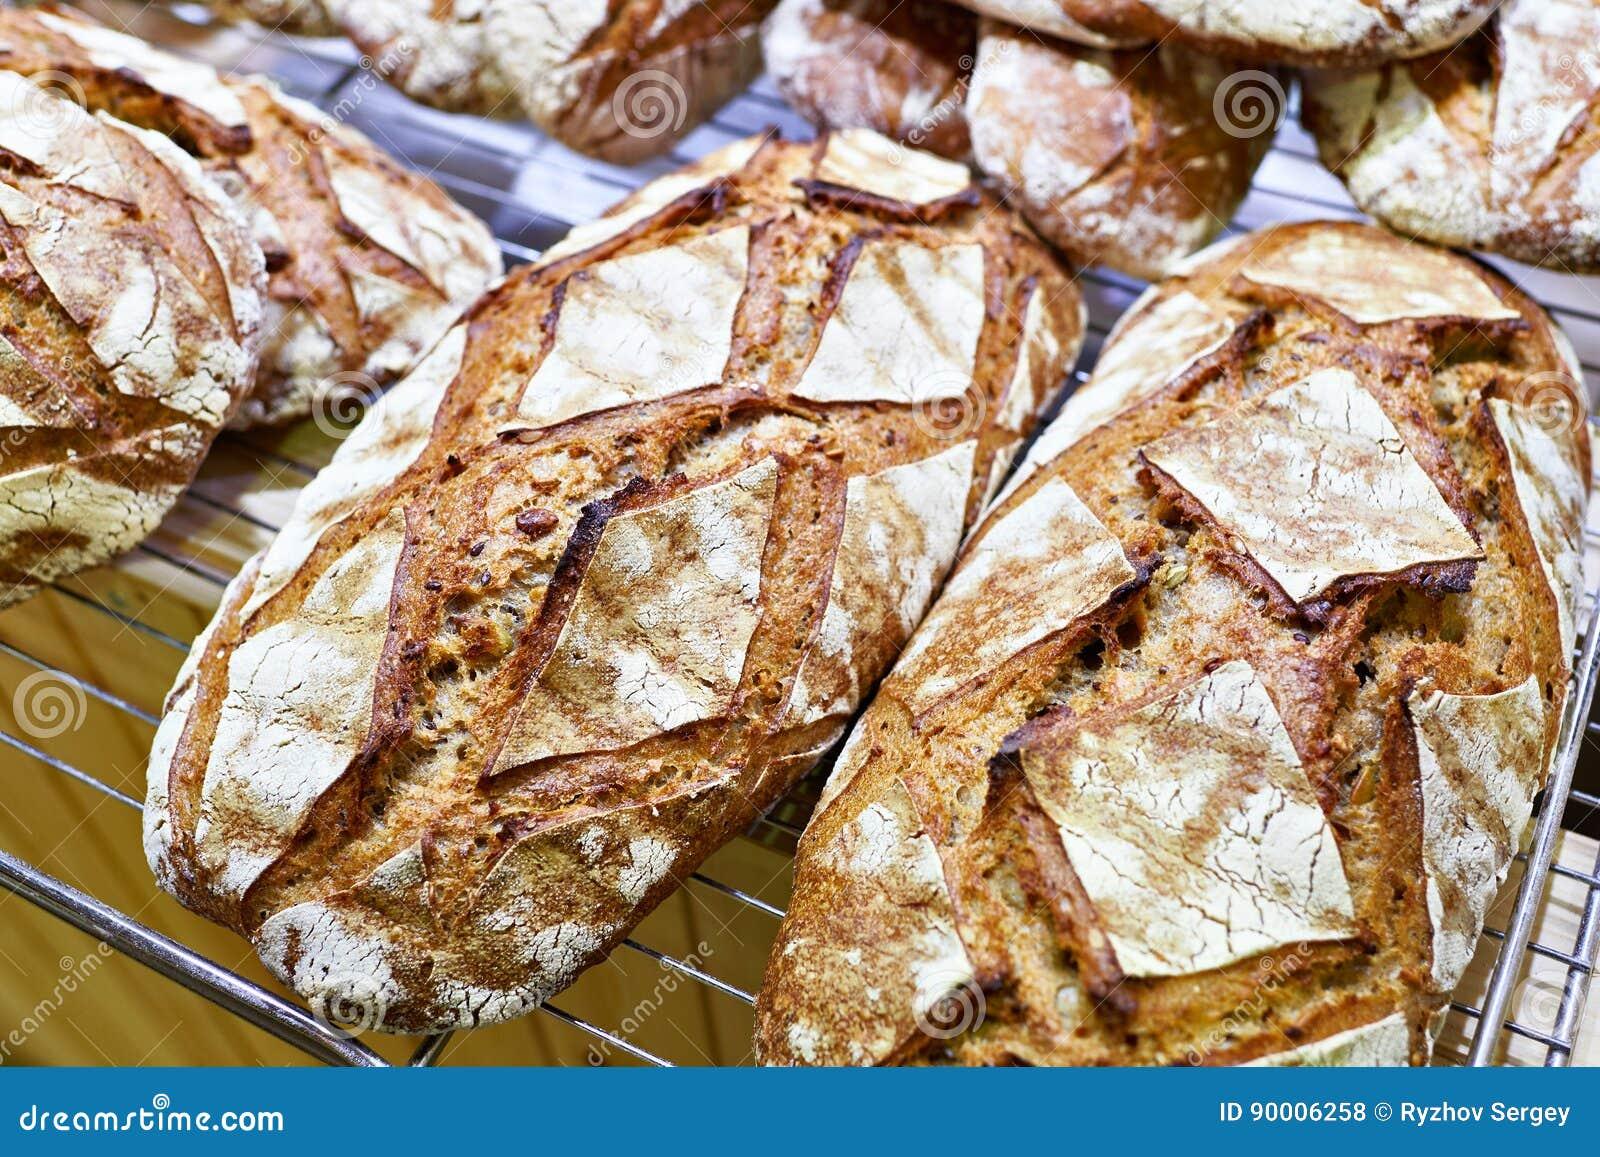 Pane fresco con la crosta